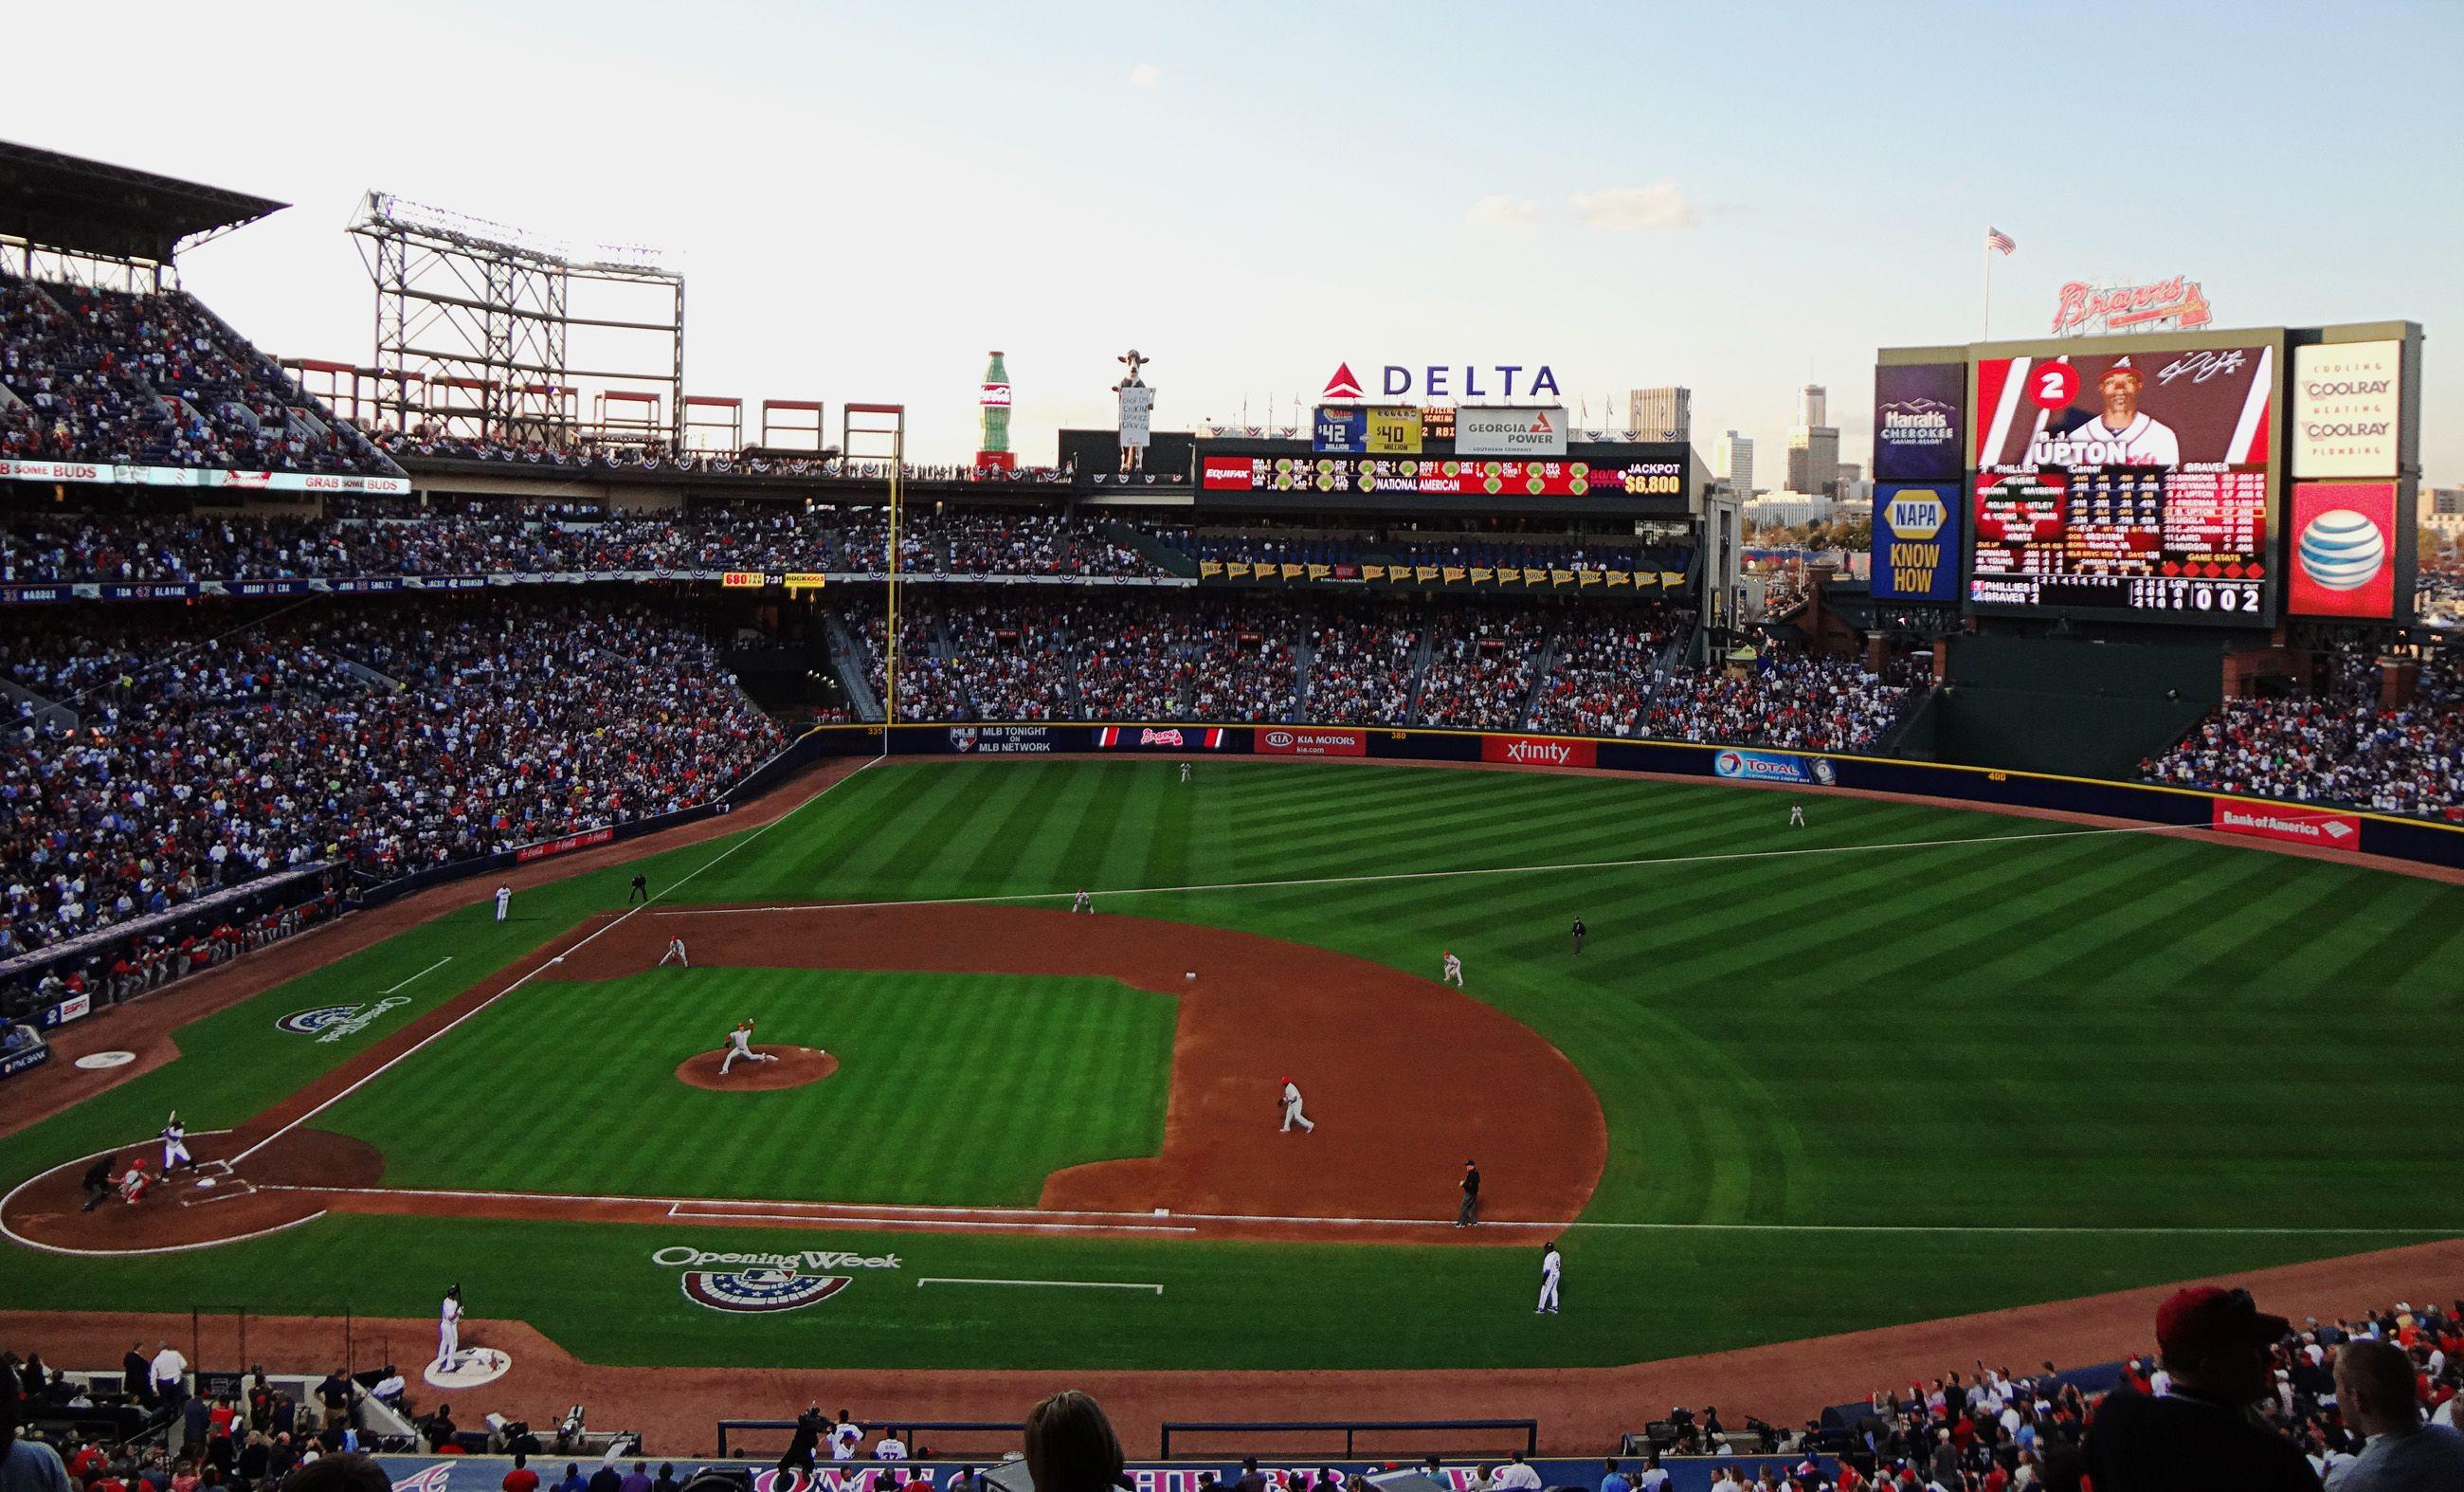 Atlanta Braves Stadium Turner Field Philadelphia Phillies Vs Atlanta Braves 4 1 13 Bottom Atlanta Braves Stadium Atlanta Braves Braves